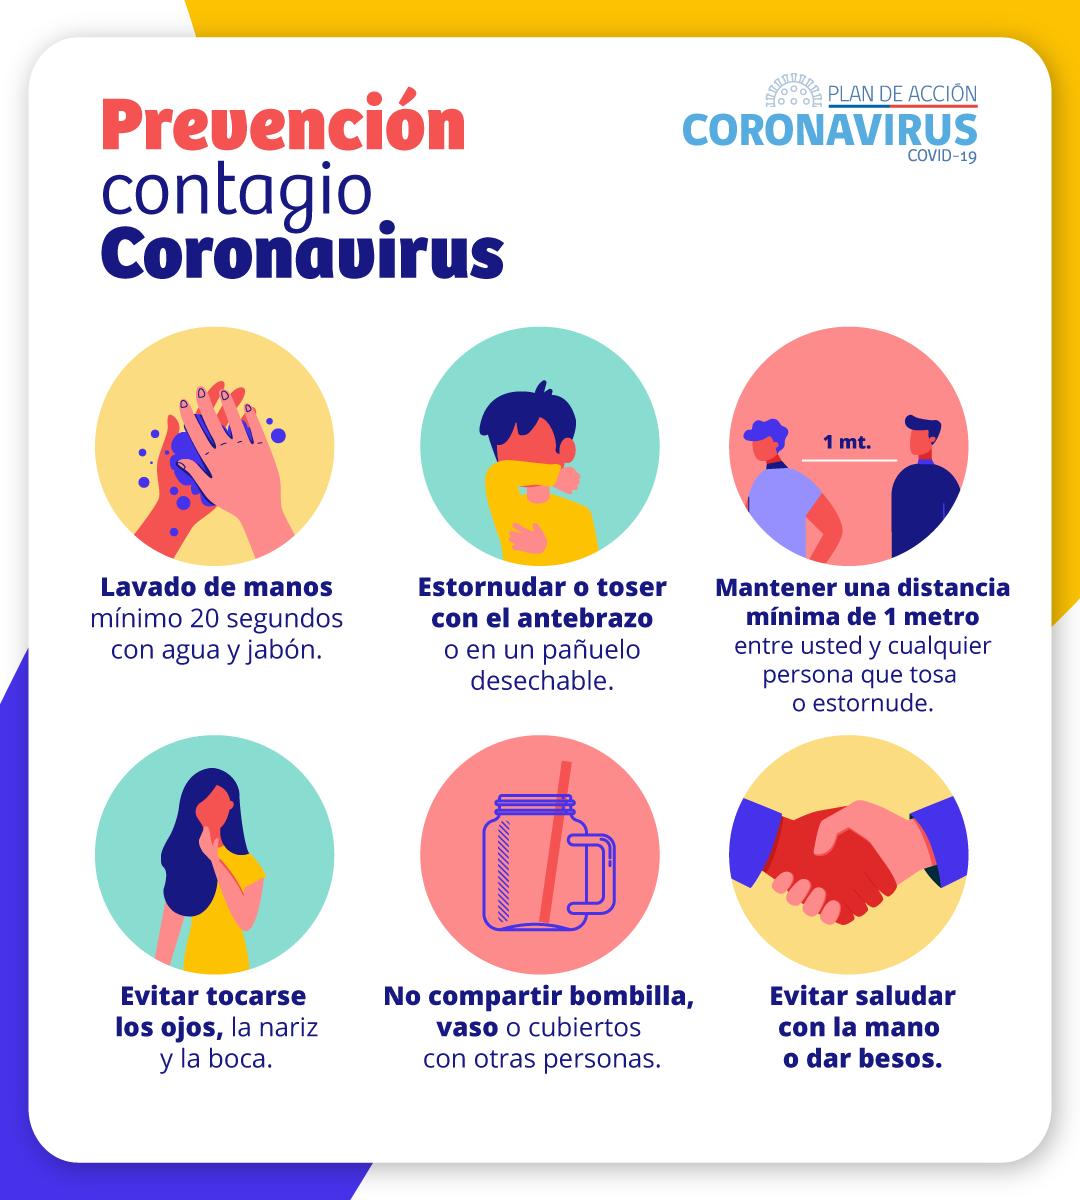 Prevencion del contagio:lavado de manos, estornudar o toser con antebrazo, mantener distancia de 1 metro, evitar tocar ojos nariz y boca, no compartir bombilla, vasos o cubiertos, evitar saludar con la mano